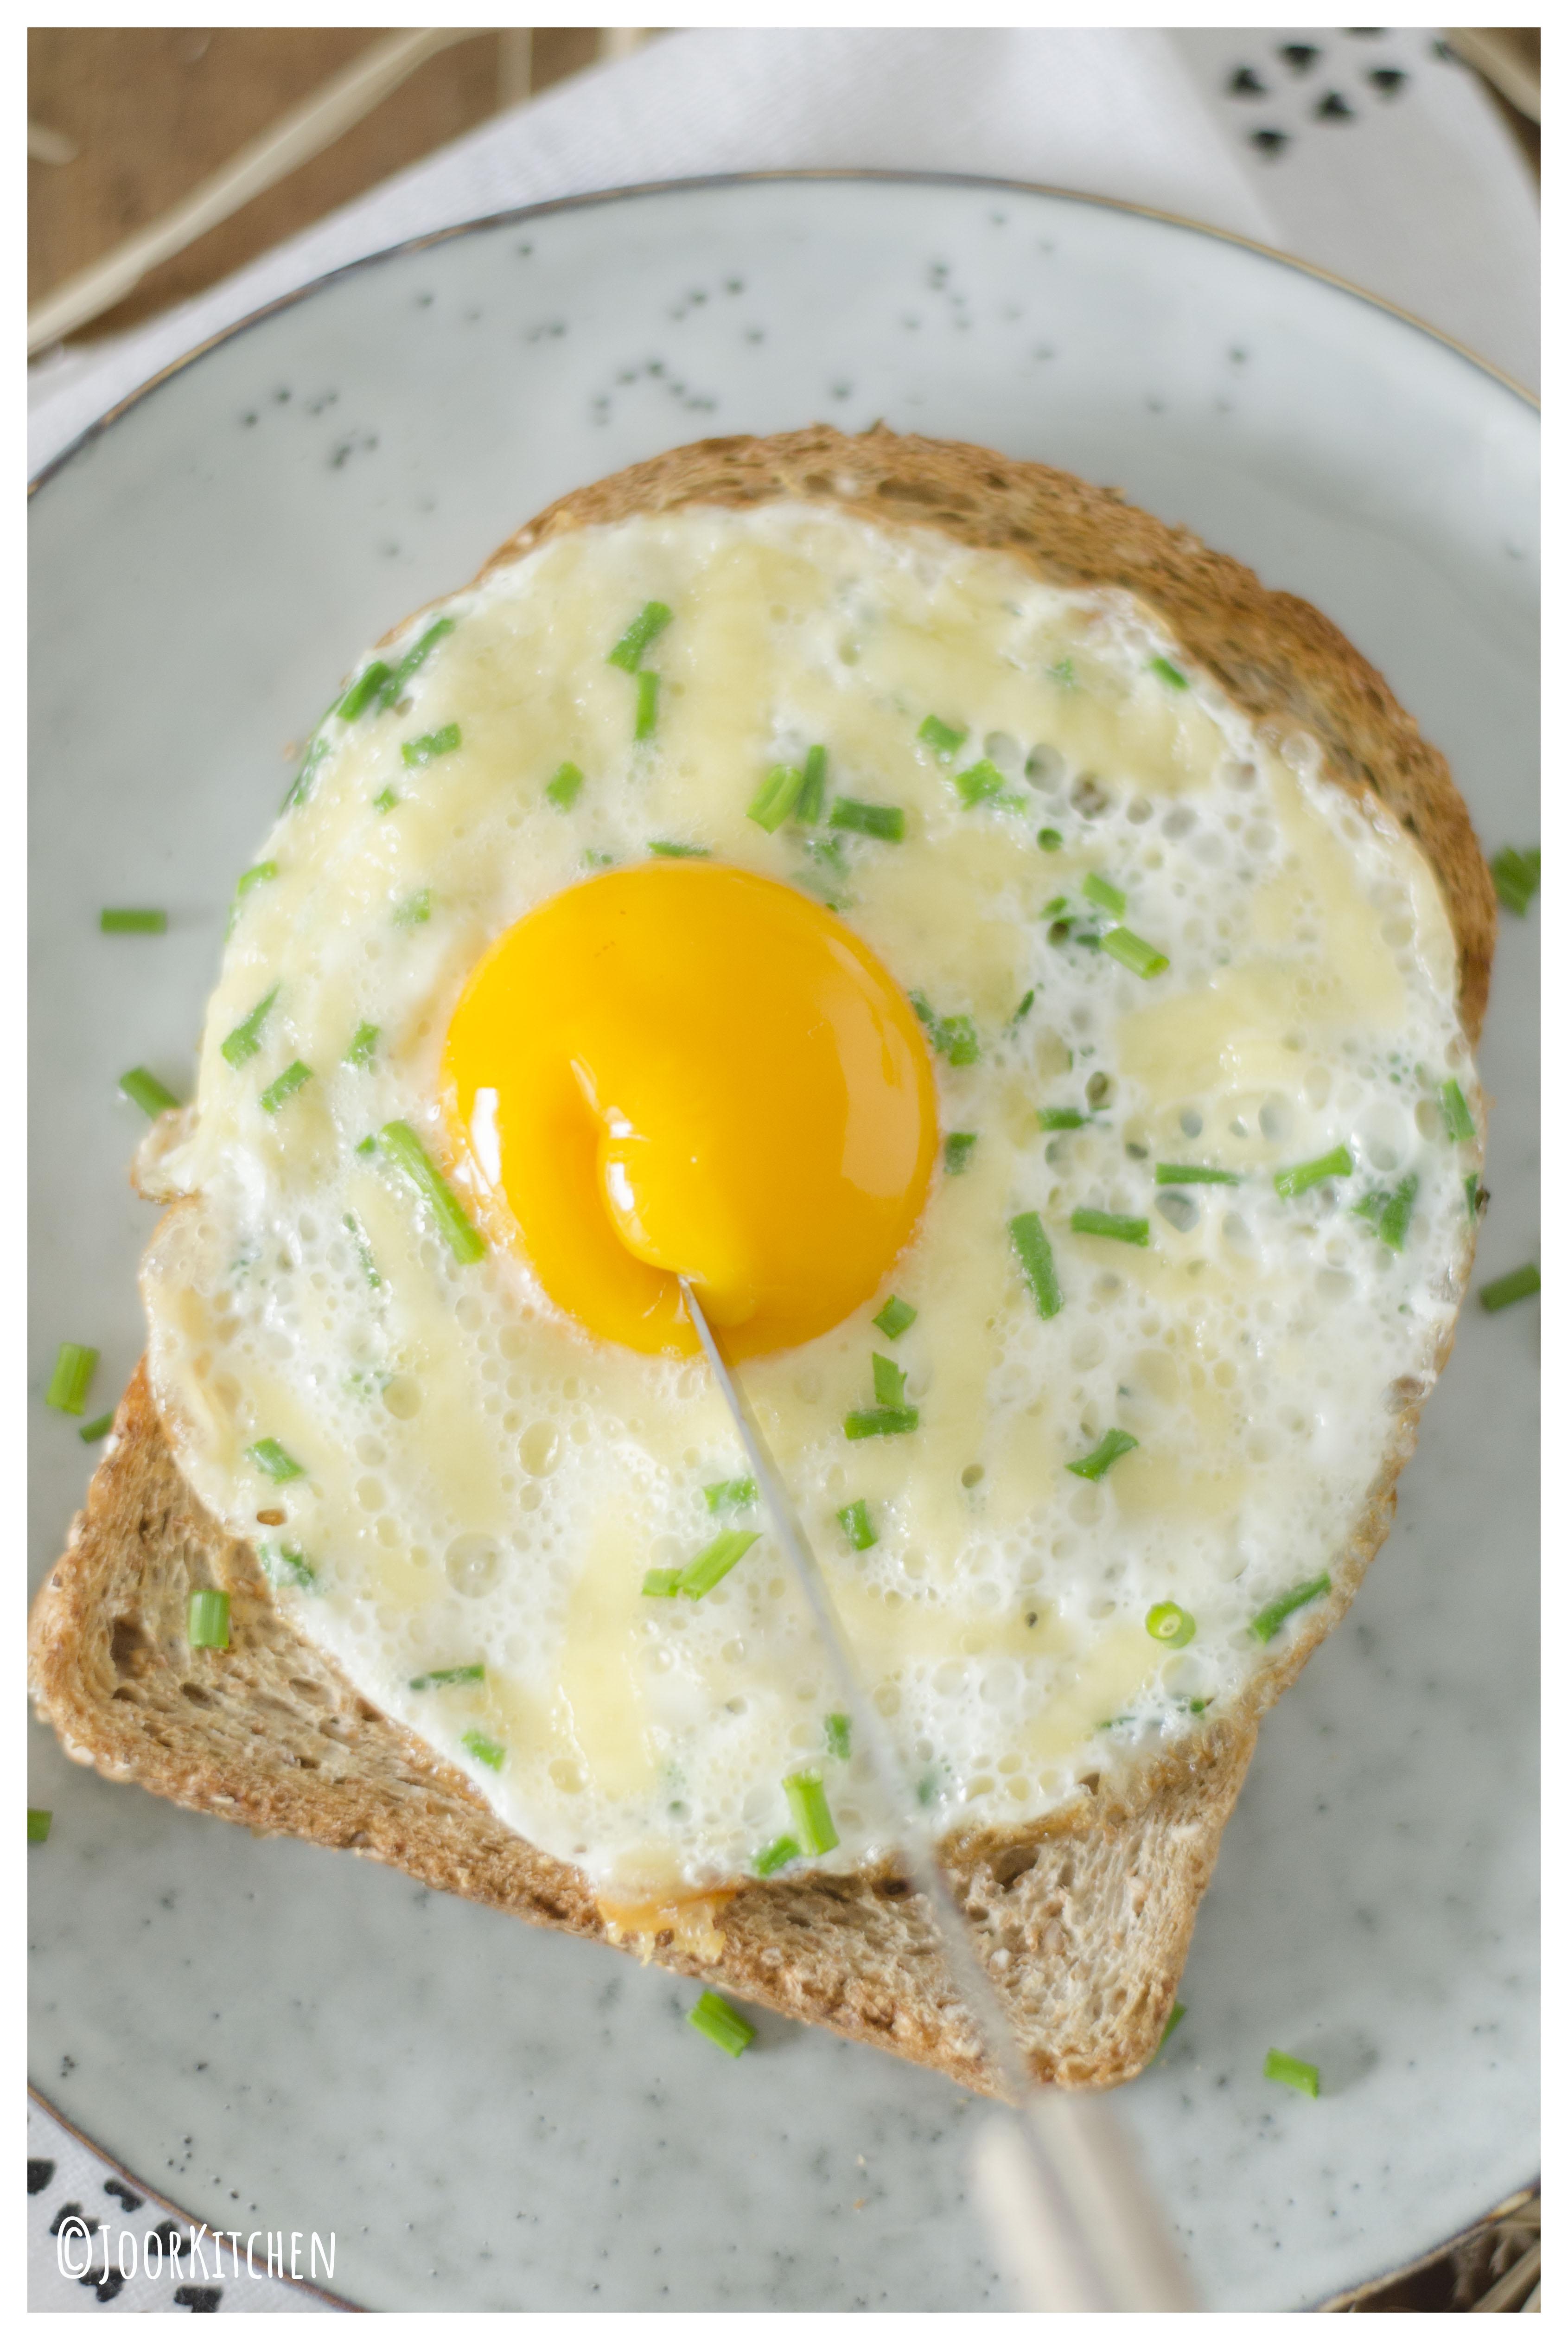 omeletpasen2